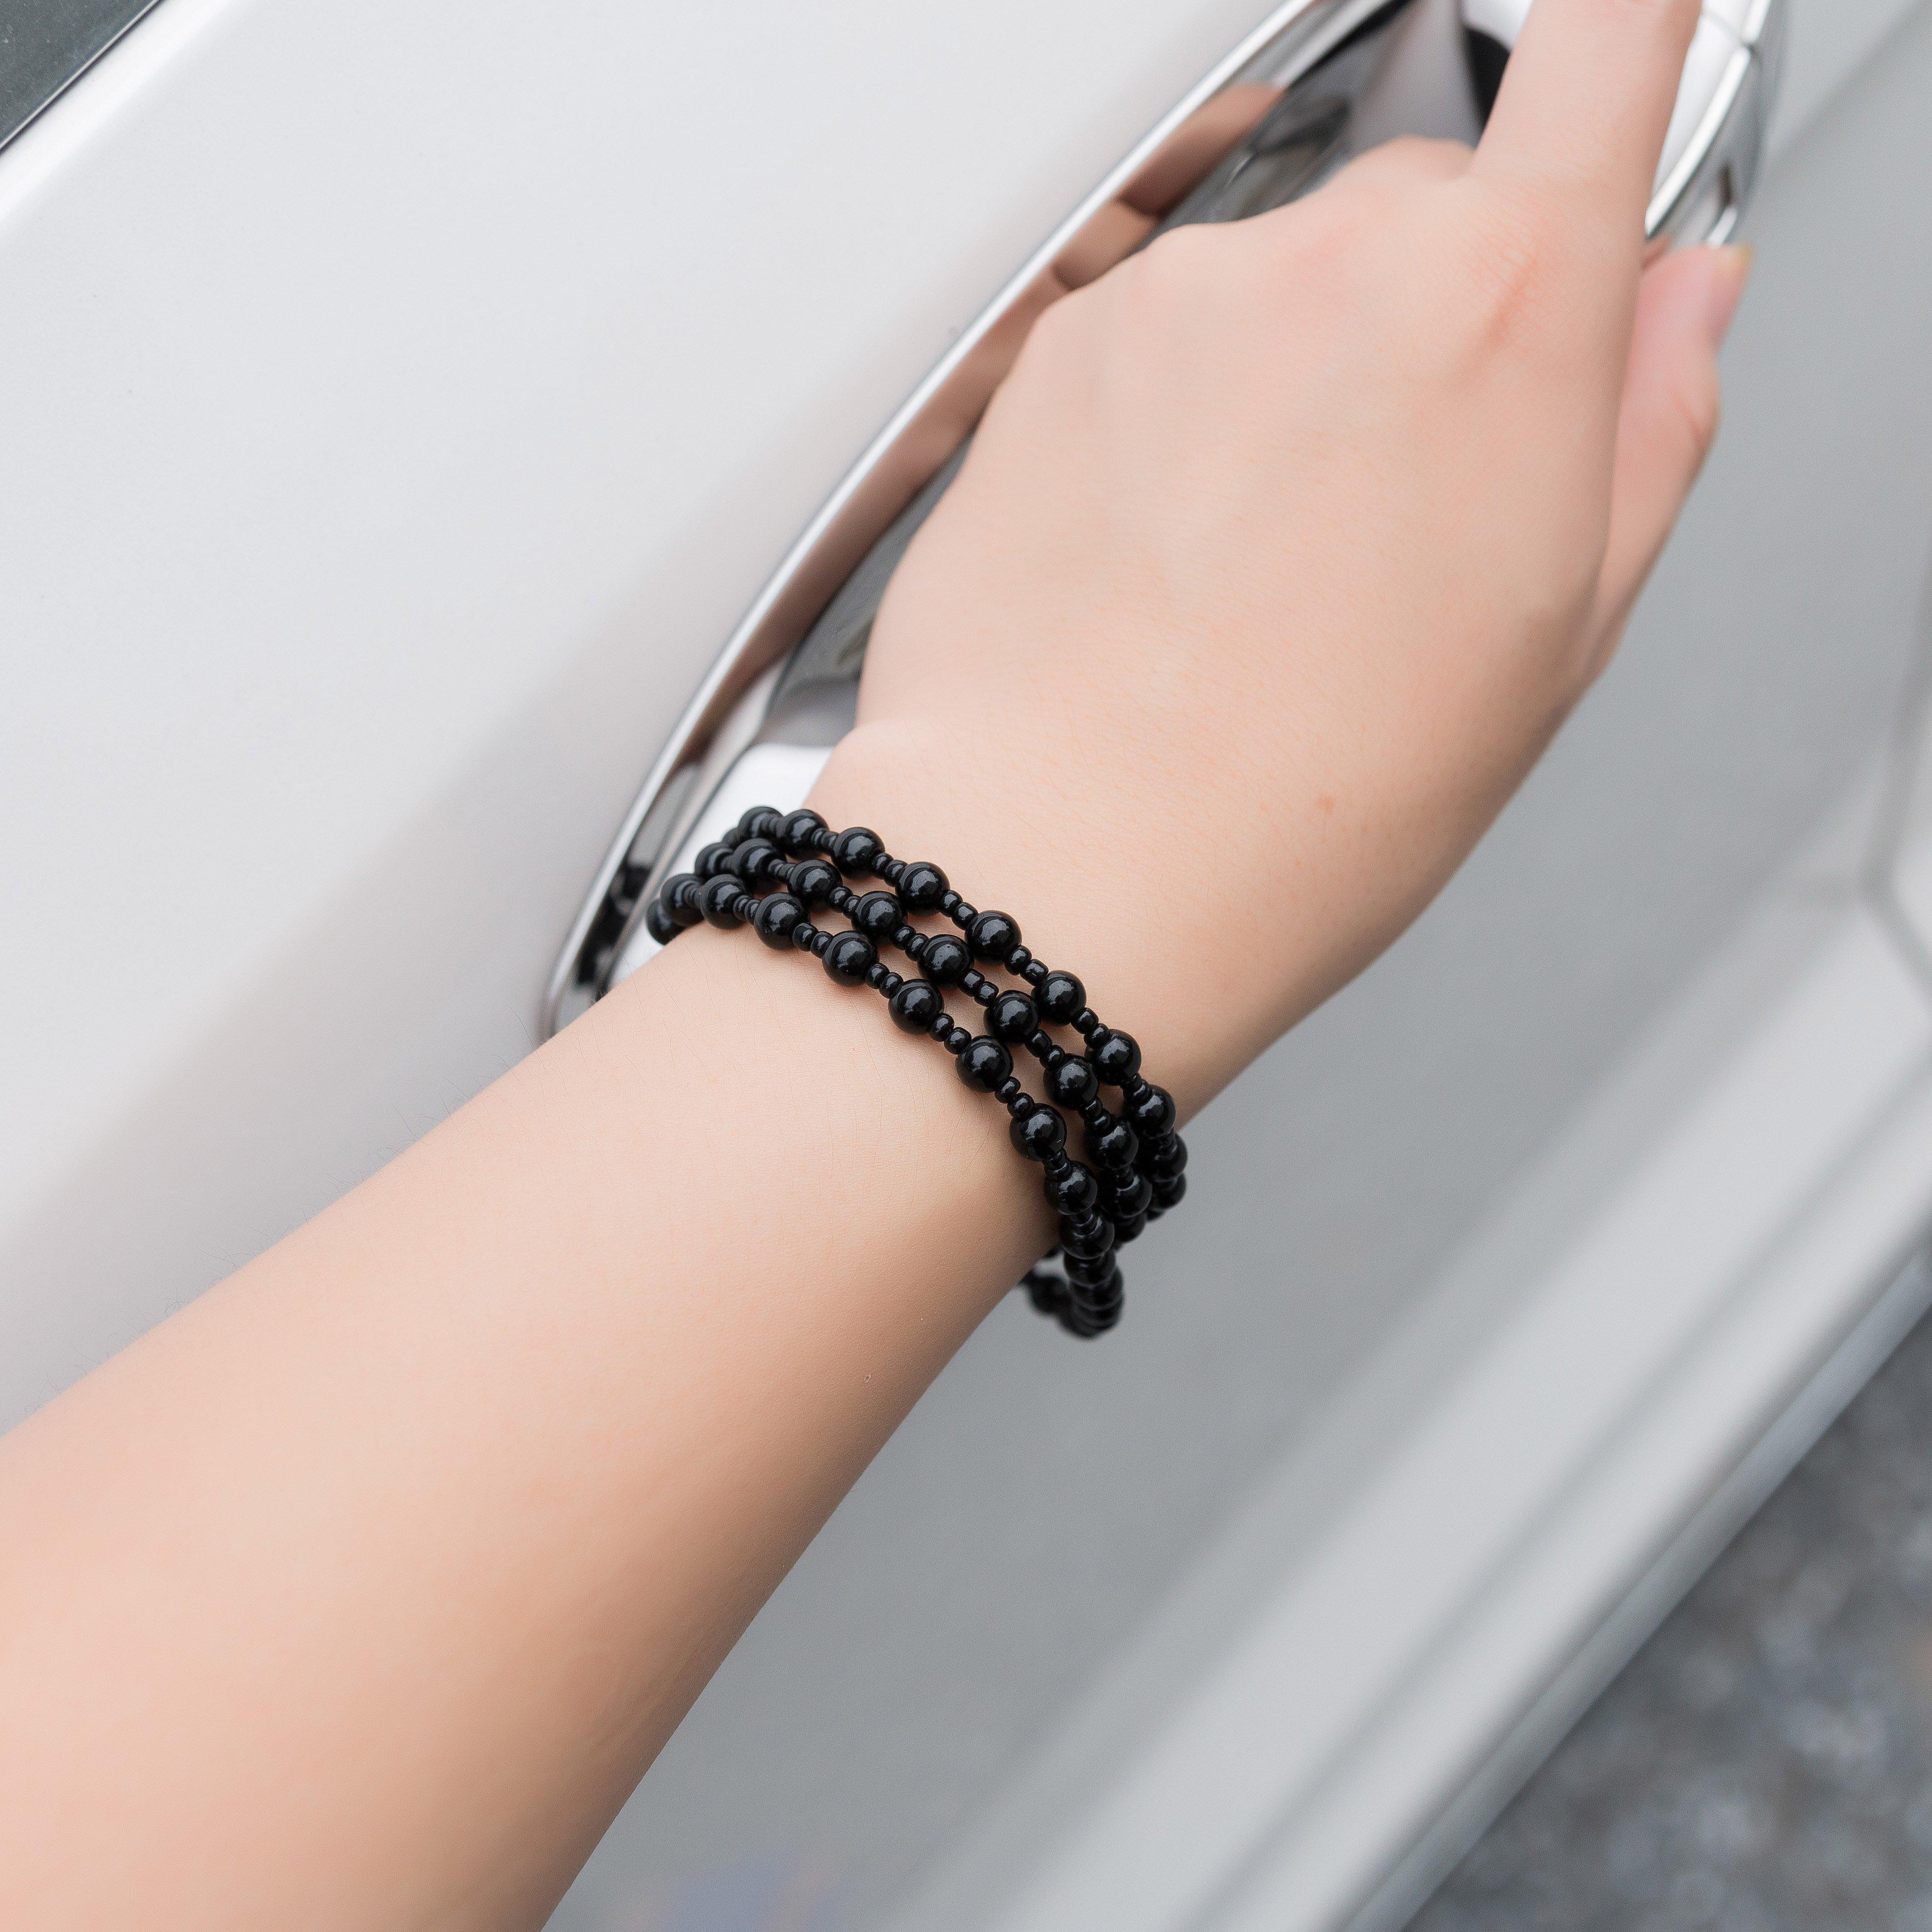 Vòng chuỗi hạt đeo tay phong thủy đá Obsidian phát lộc dành cho nam nữ